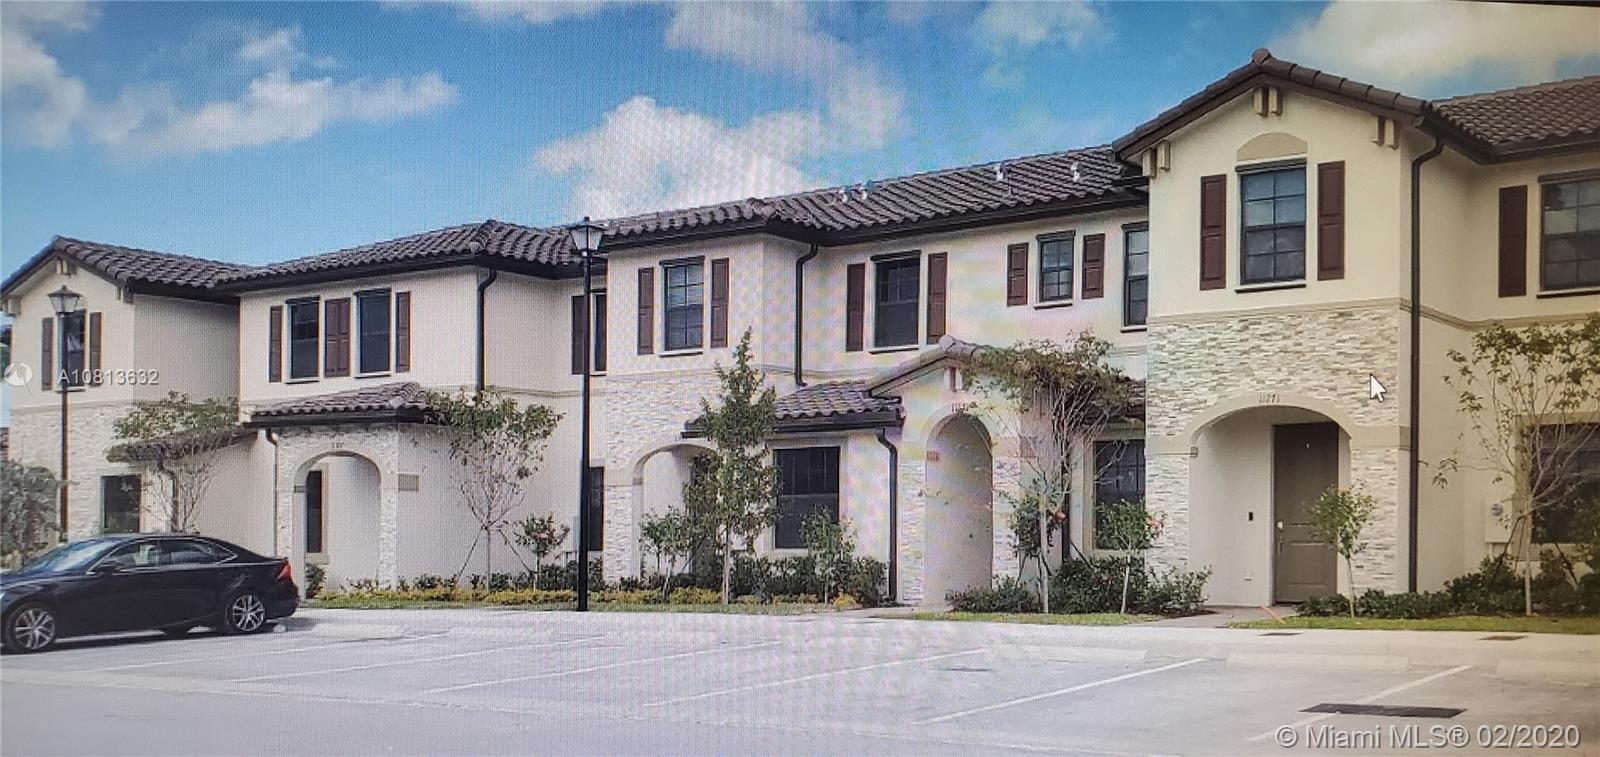 11211 SW 249th St, Miami, FL 33032 - Miami, FL real estate listing